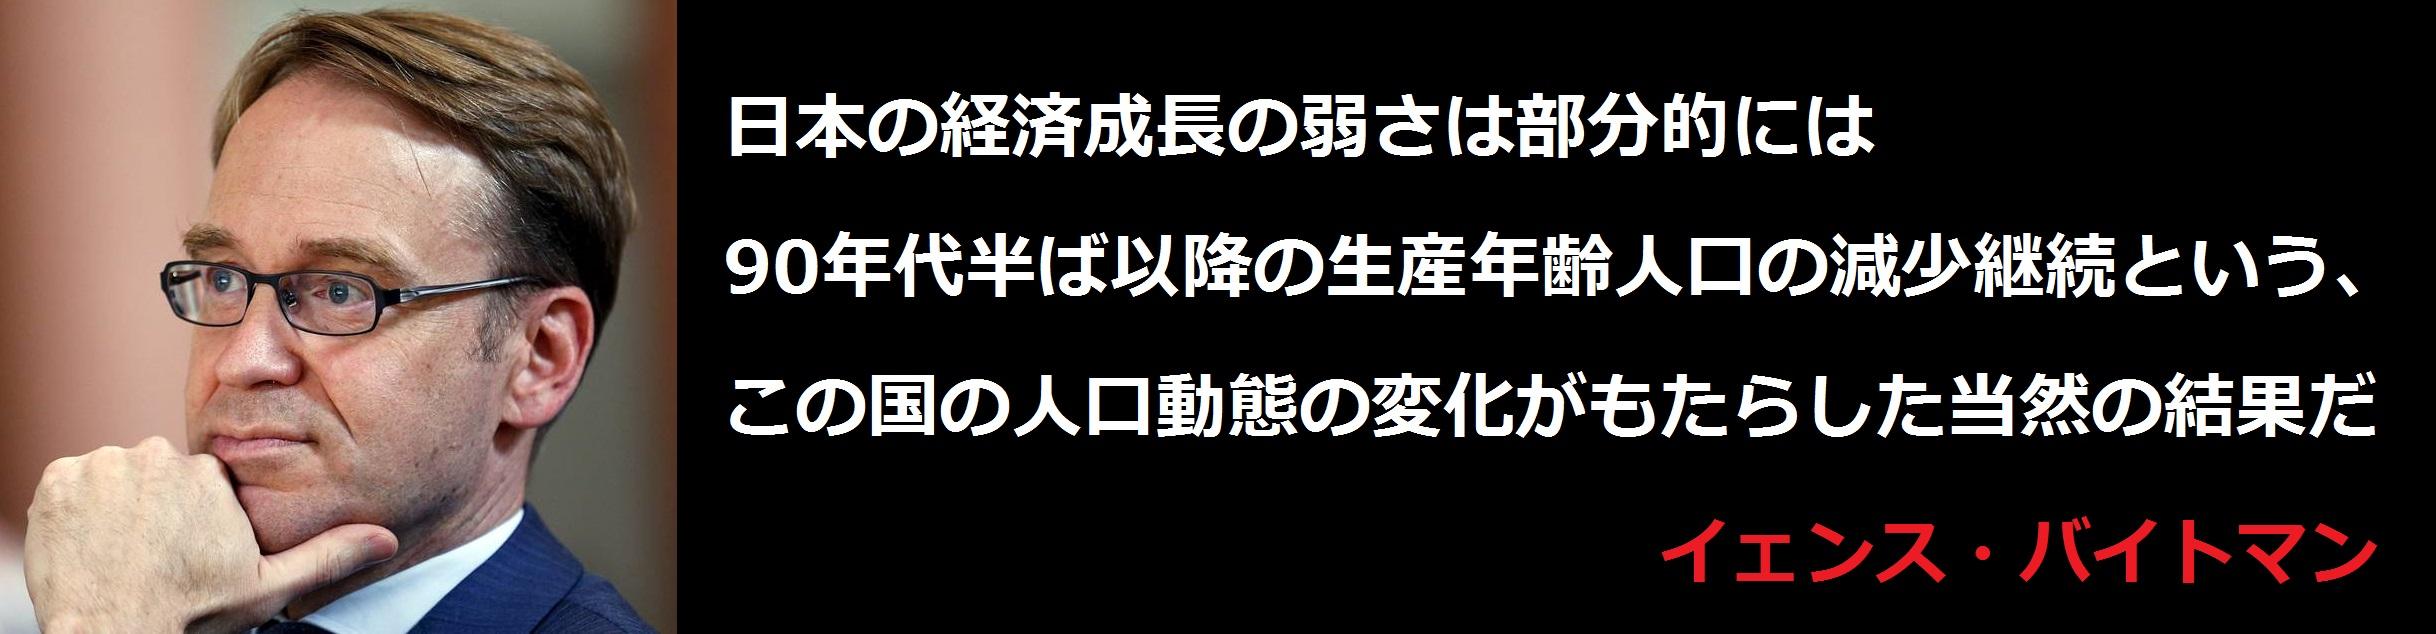 f:id:JAPbuster:20170224185407j:plain